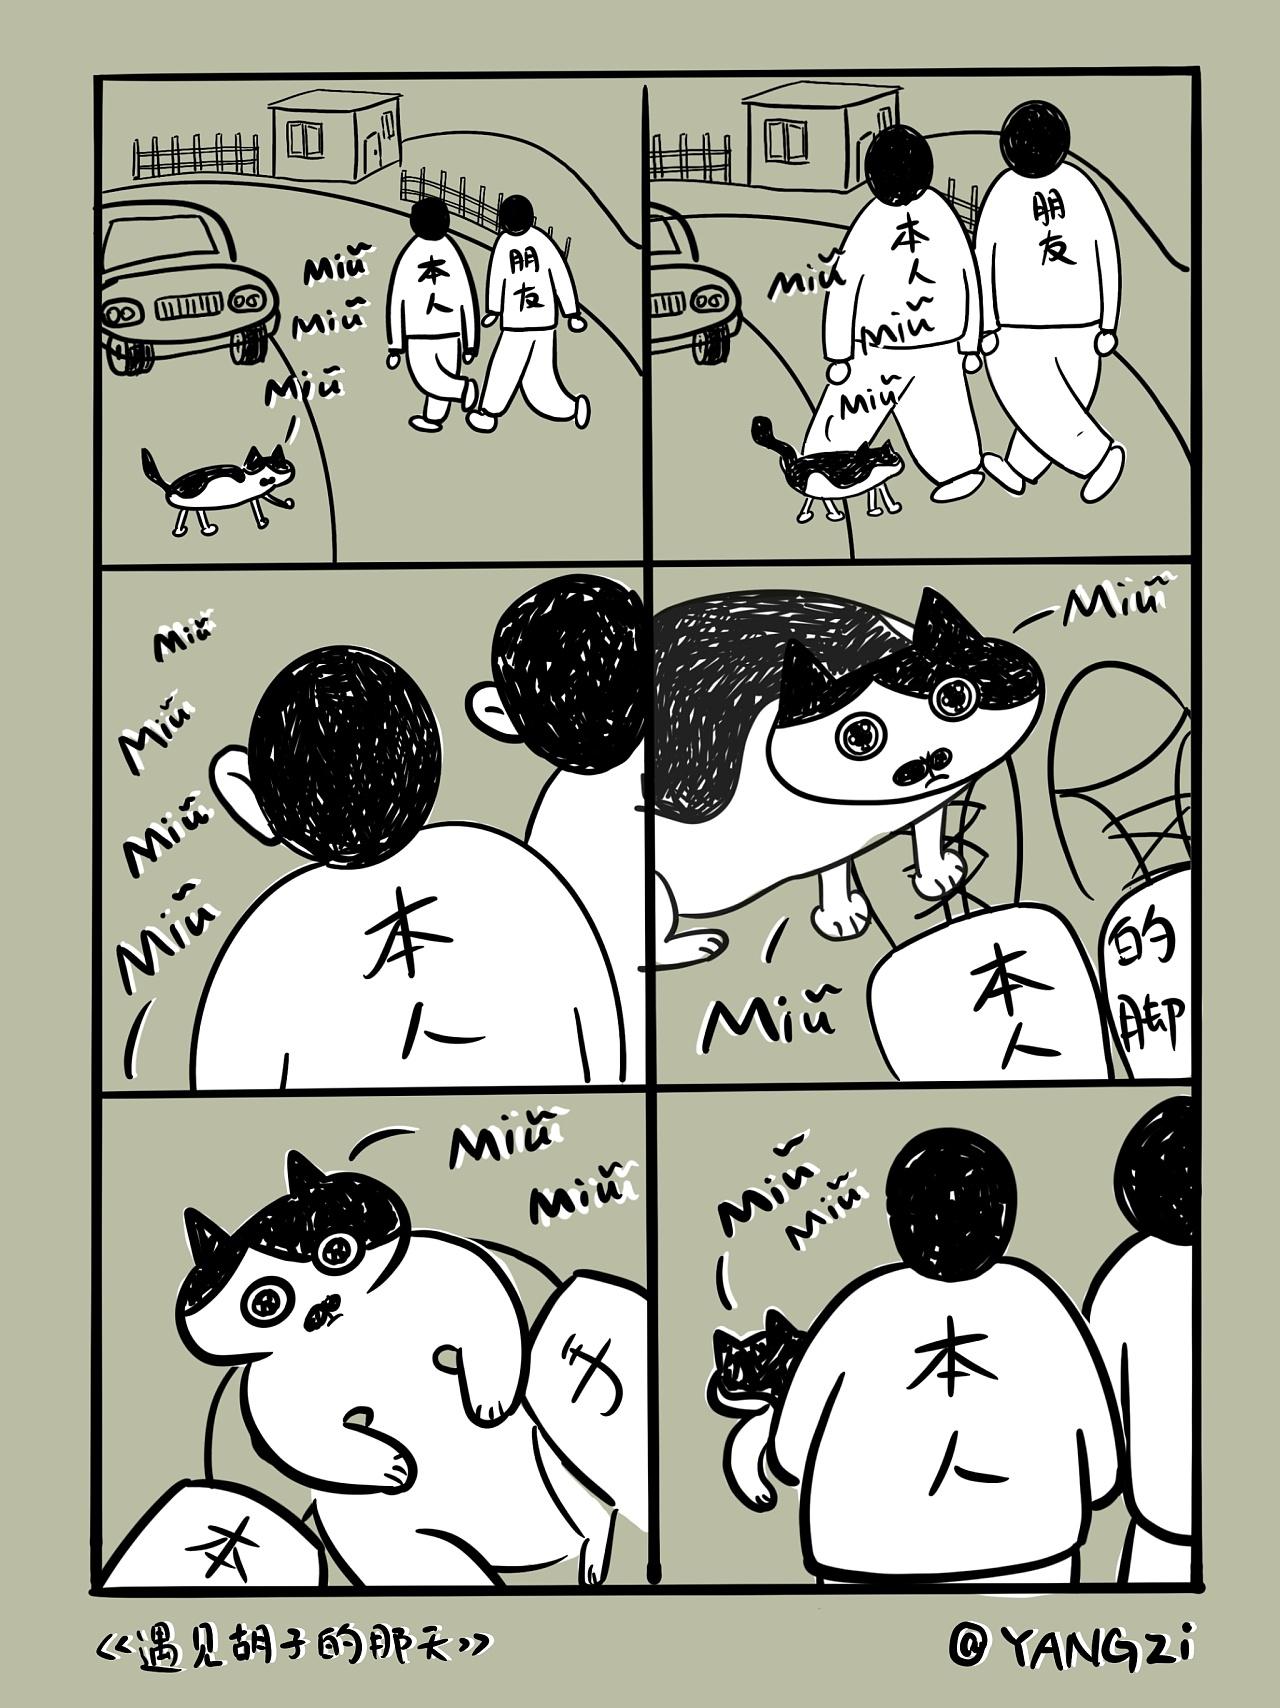 动漫 卡通 漫画 头像 1280_1708 竖版 竖屏图片